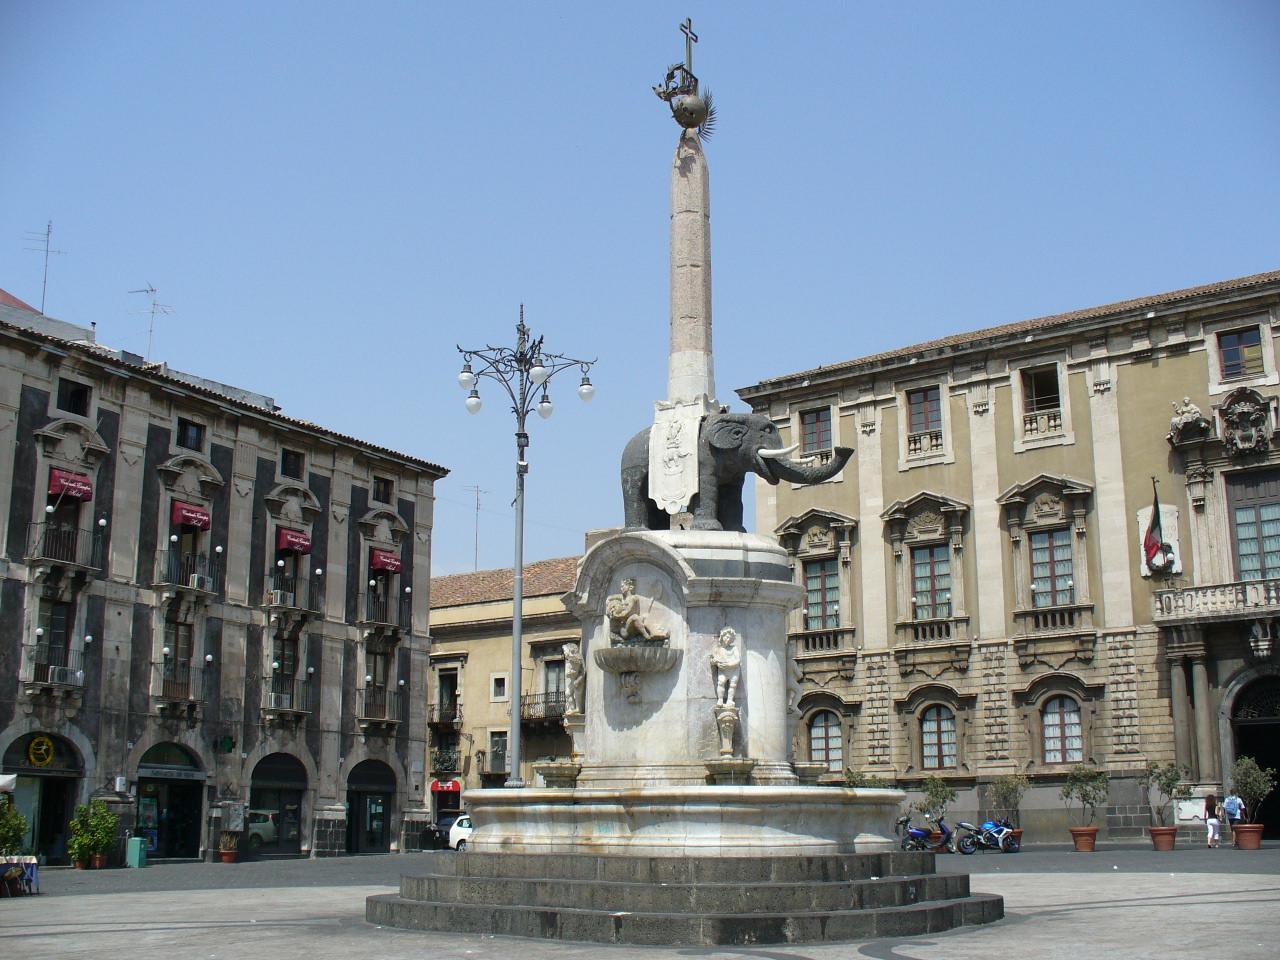 50 mila euro a testa per ceneri dell'Etna. Condannati assessori di Scapagnini